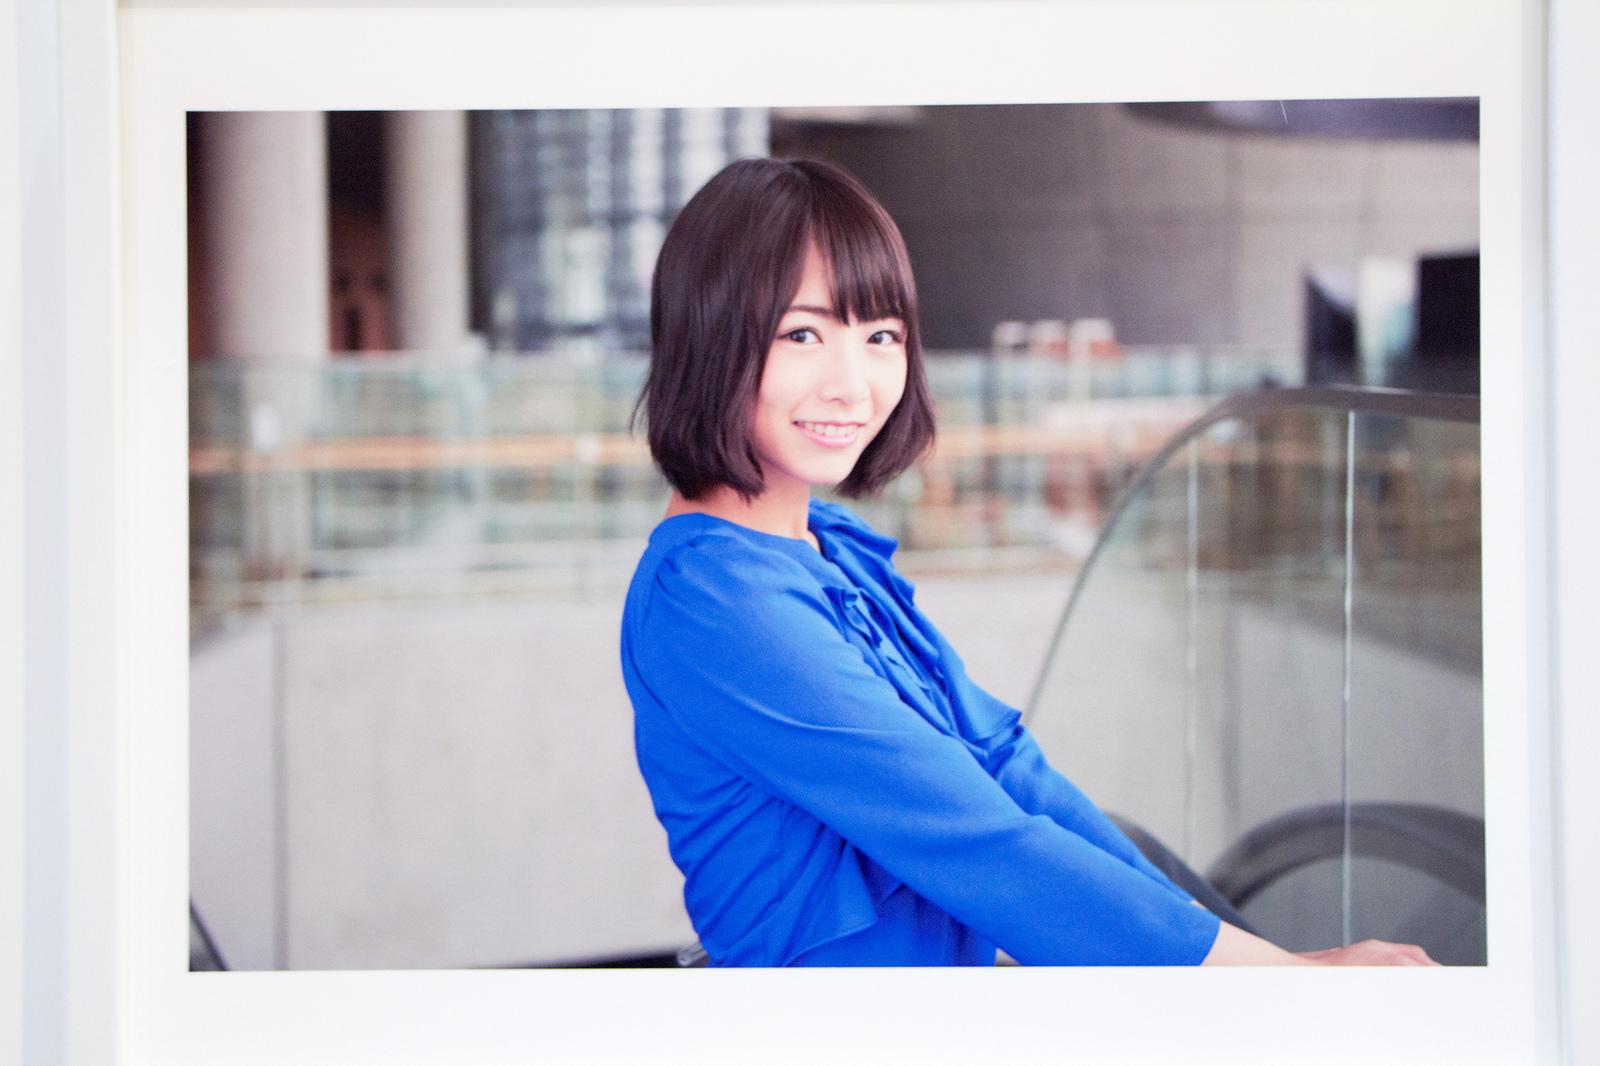 乃木坂46・2ndアルバム「それぞれの椅子」乃木展(北野日奈子)